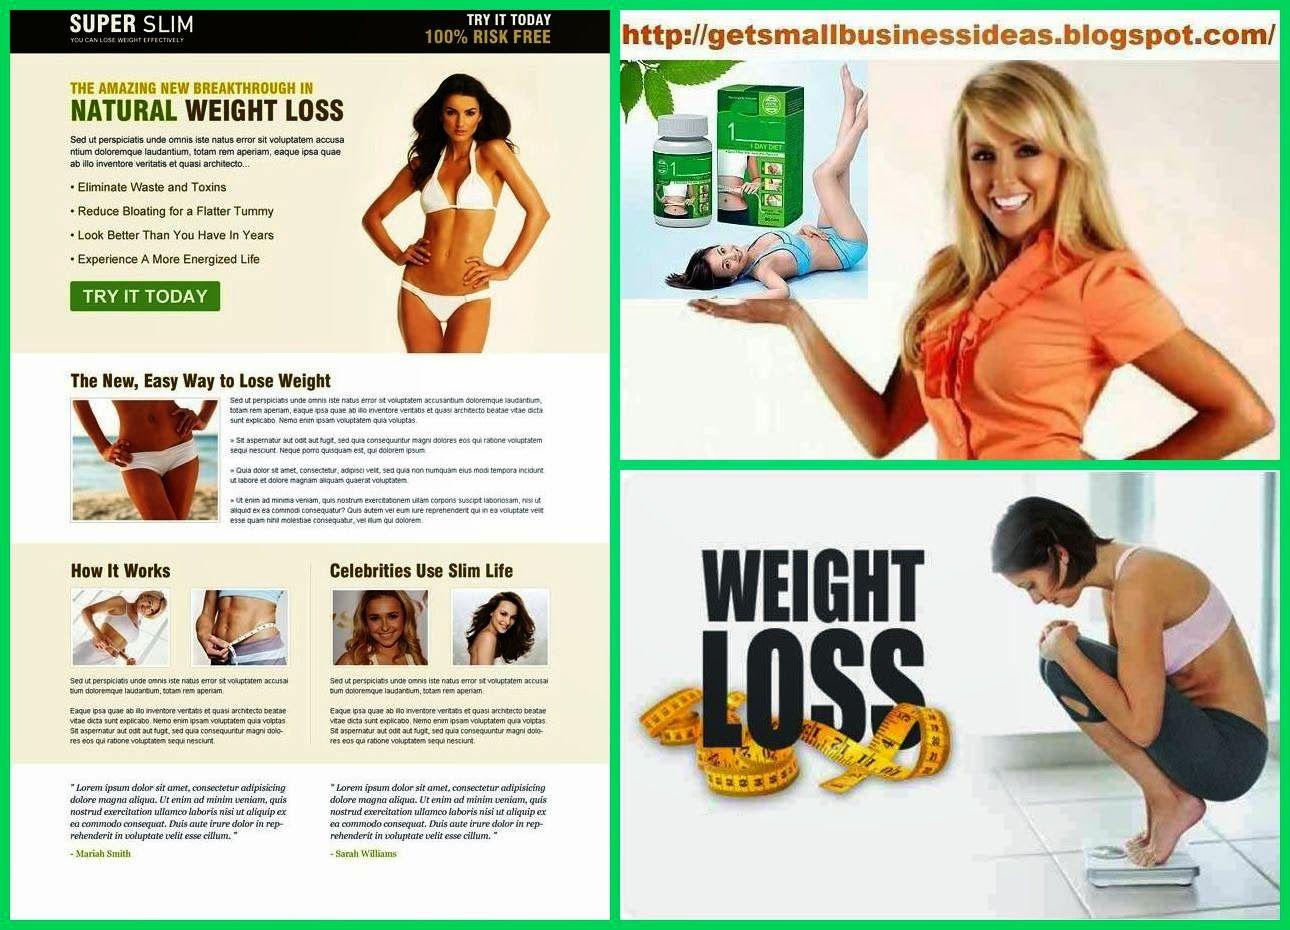 Weight Loss Business Ideas | Small Business Ideas | Pinterest ...